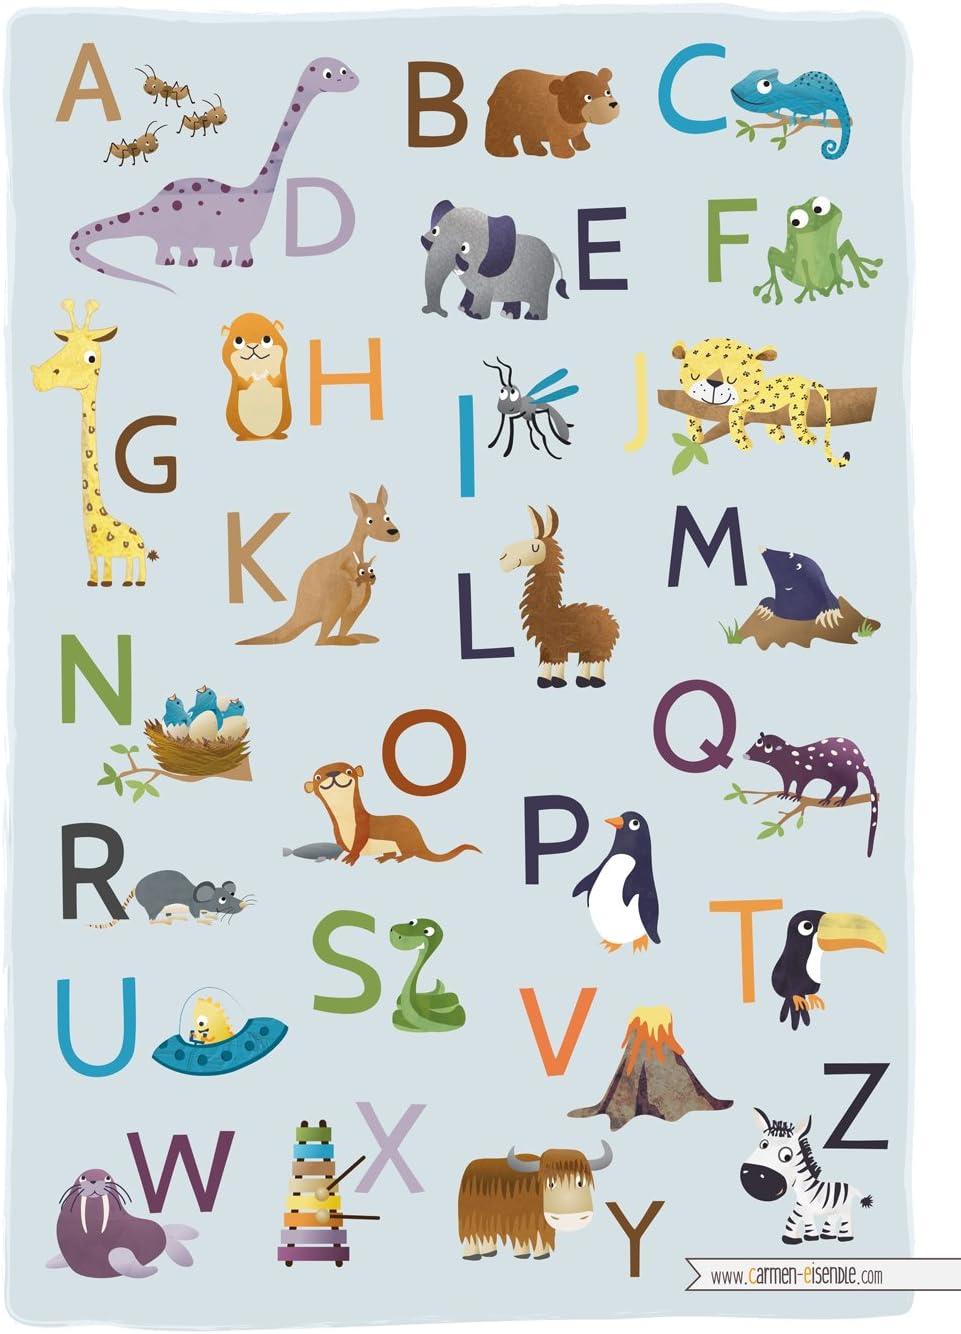 Frechdax/® ABC Poster pour Chambre denfant Alphabet Affiche dapprentissage Format A2 Allemand 42 cm x 59,4 cm ABC des Animaux DIN A4